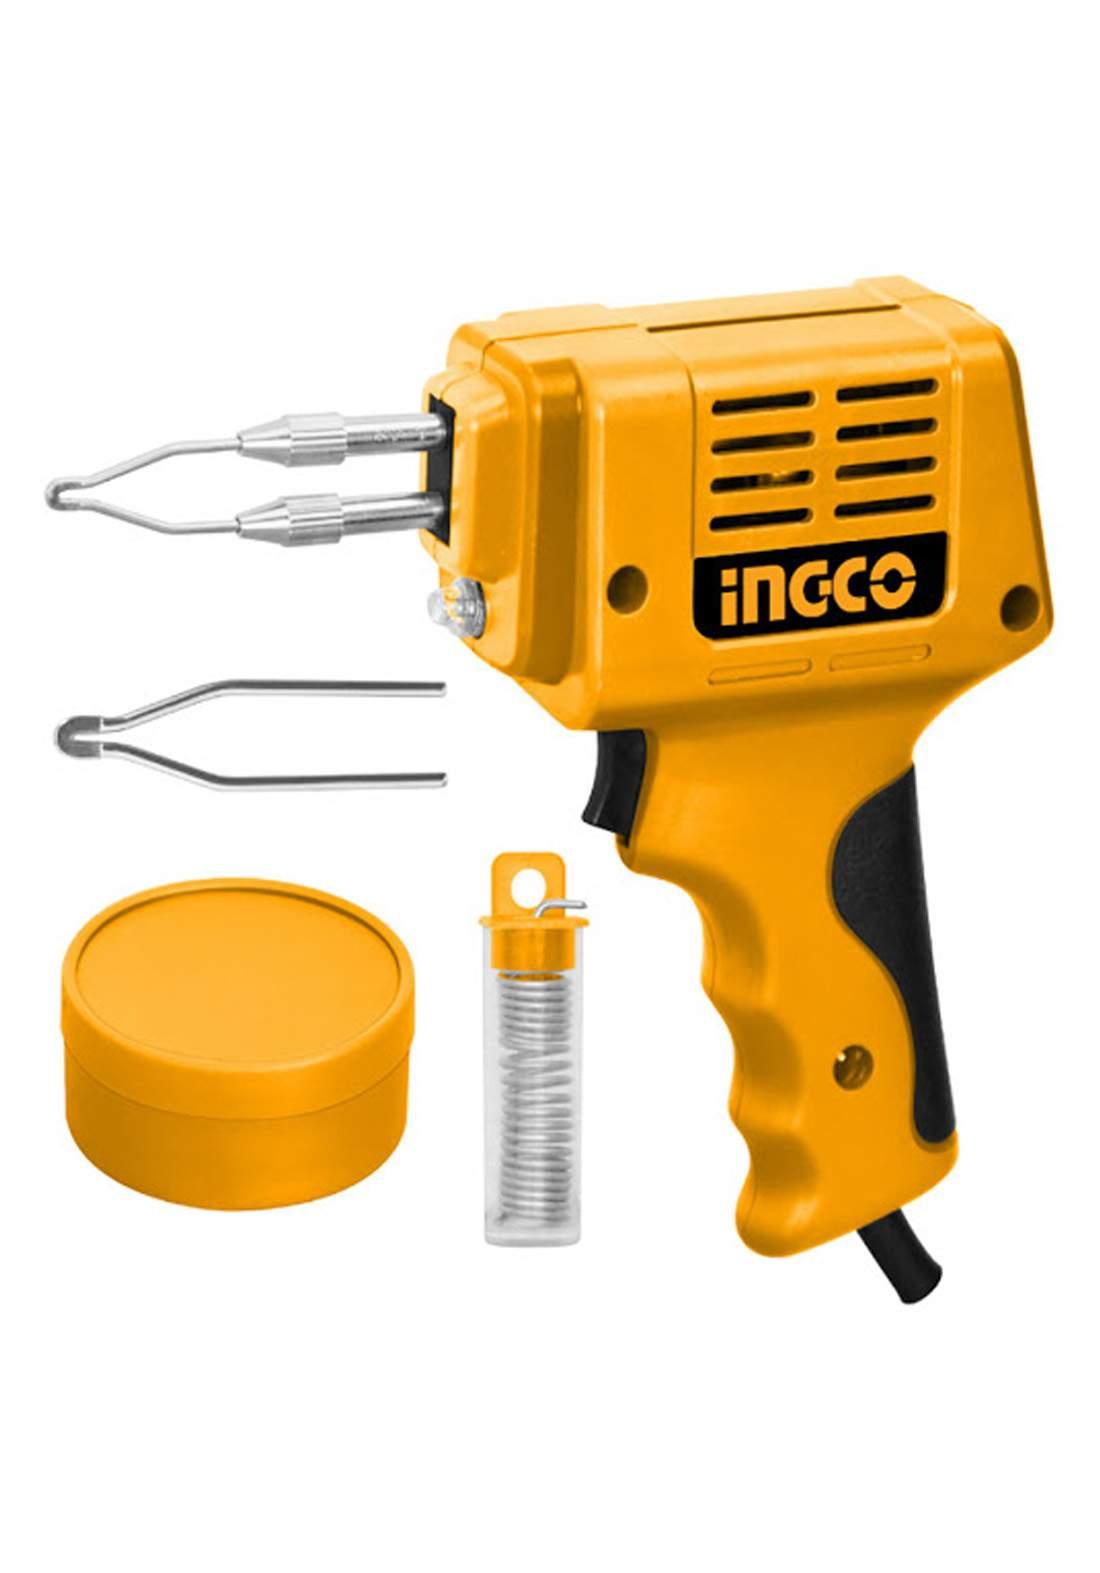 Ingco - sg1001  Soldering Gun مسدس لحام (كاوية)